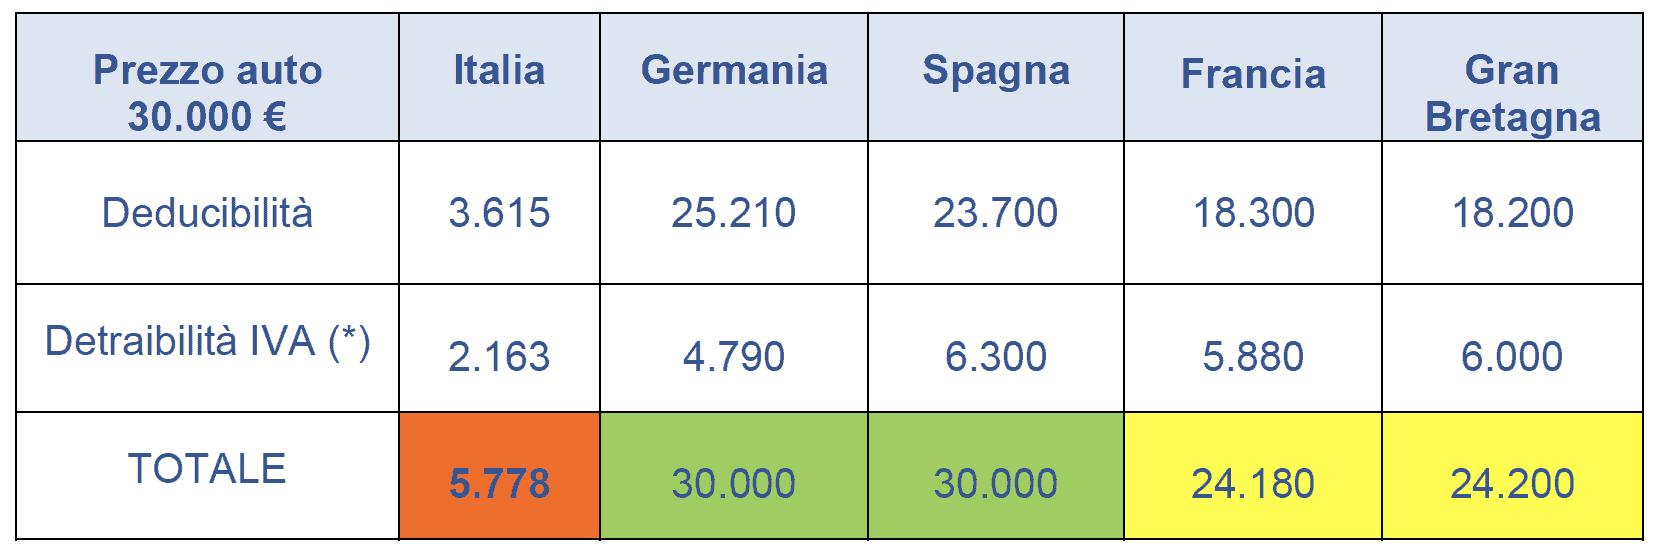 ANIASA, focus sul mercato 2020 e 2021